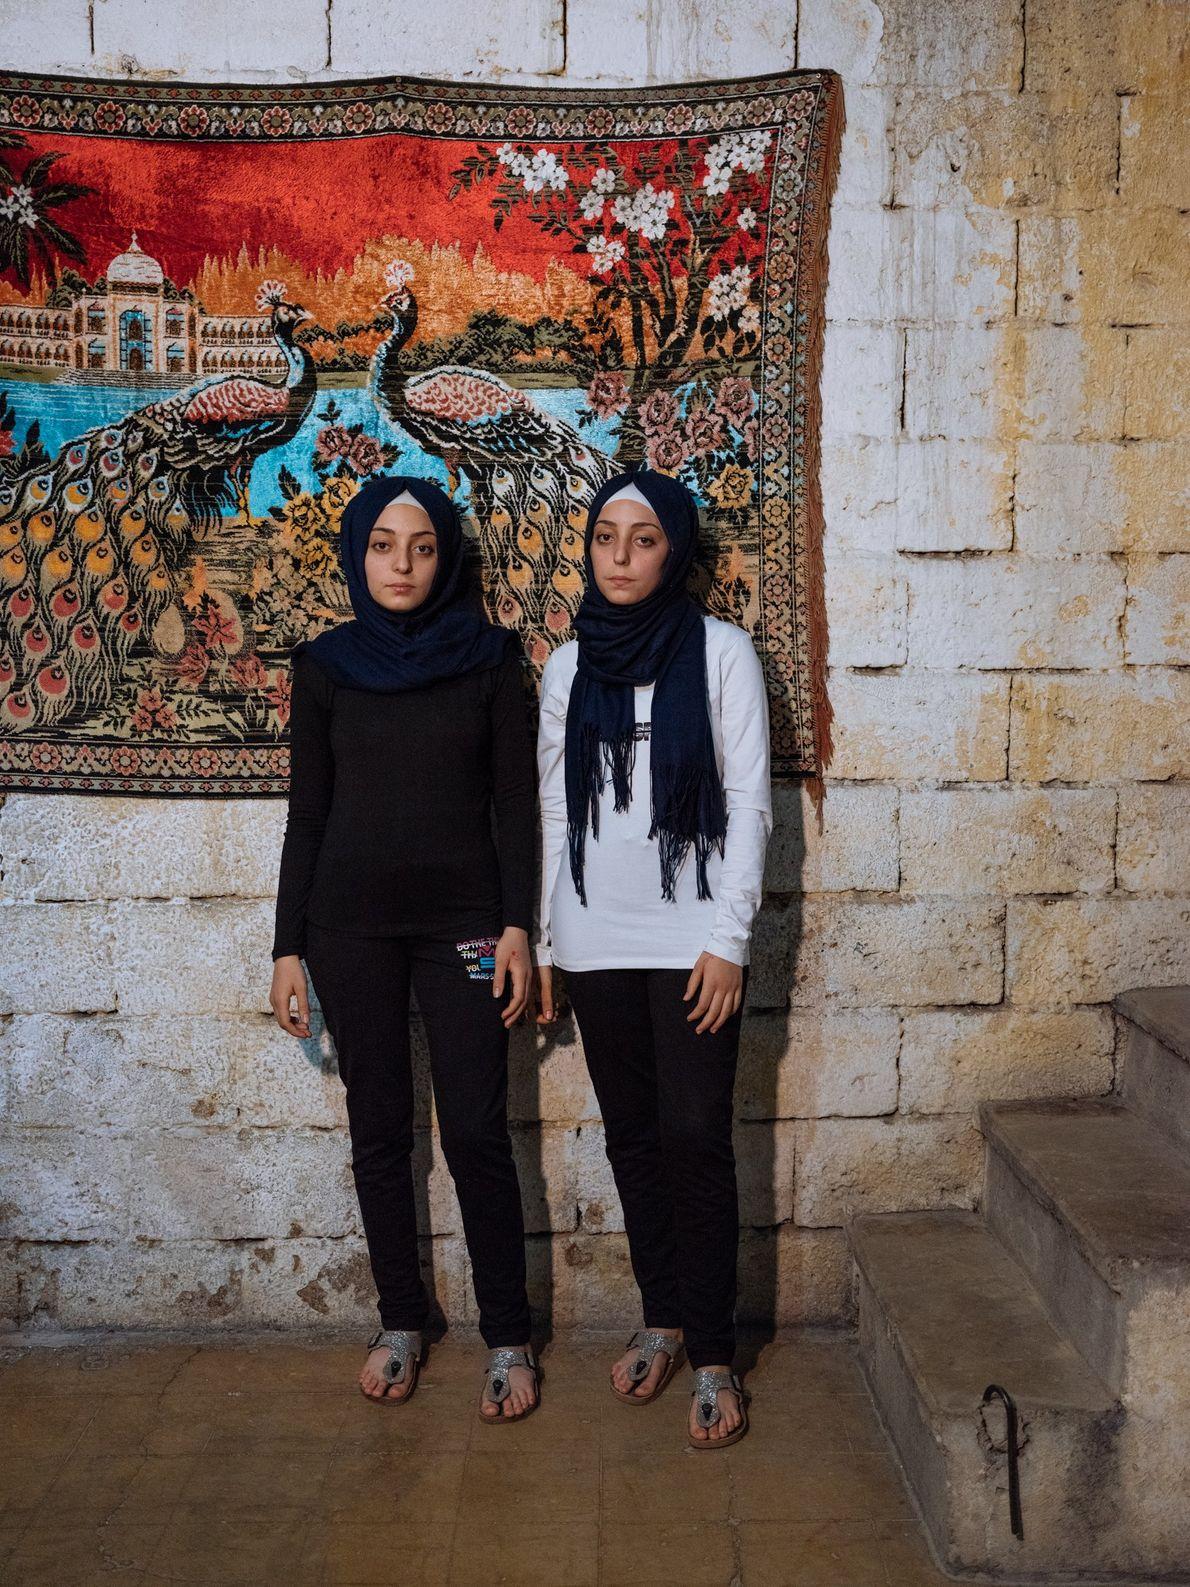 As gêmeas de quatorze anos, Sidra (à esquerda) e Shahed, se lembram das bombas de barril ...